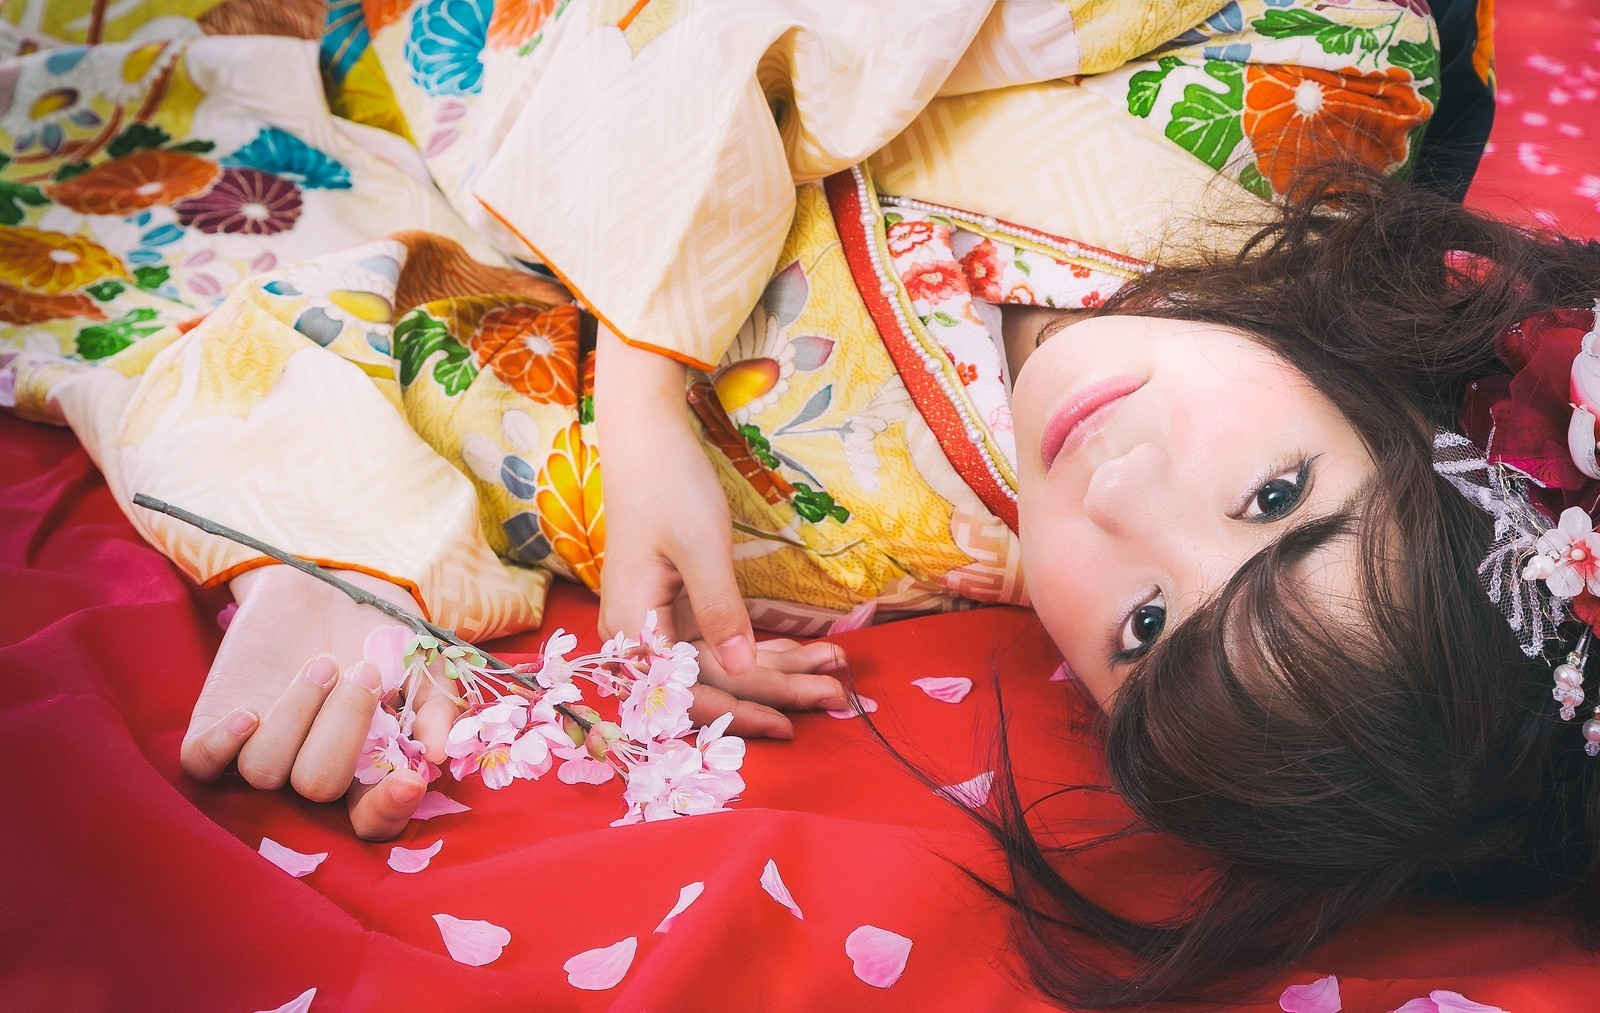 是[面白日本] 浴衣跟和服到底哪裡不一樣?三大重點教你一眼分辨!這篇文章的首圖